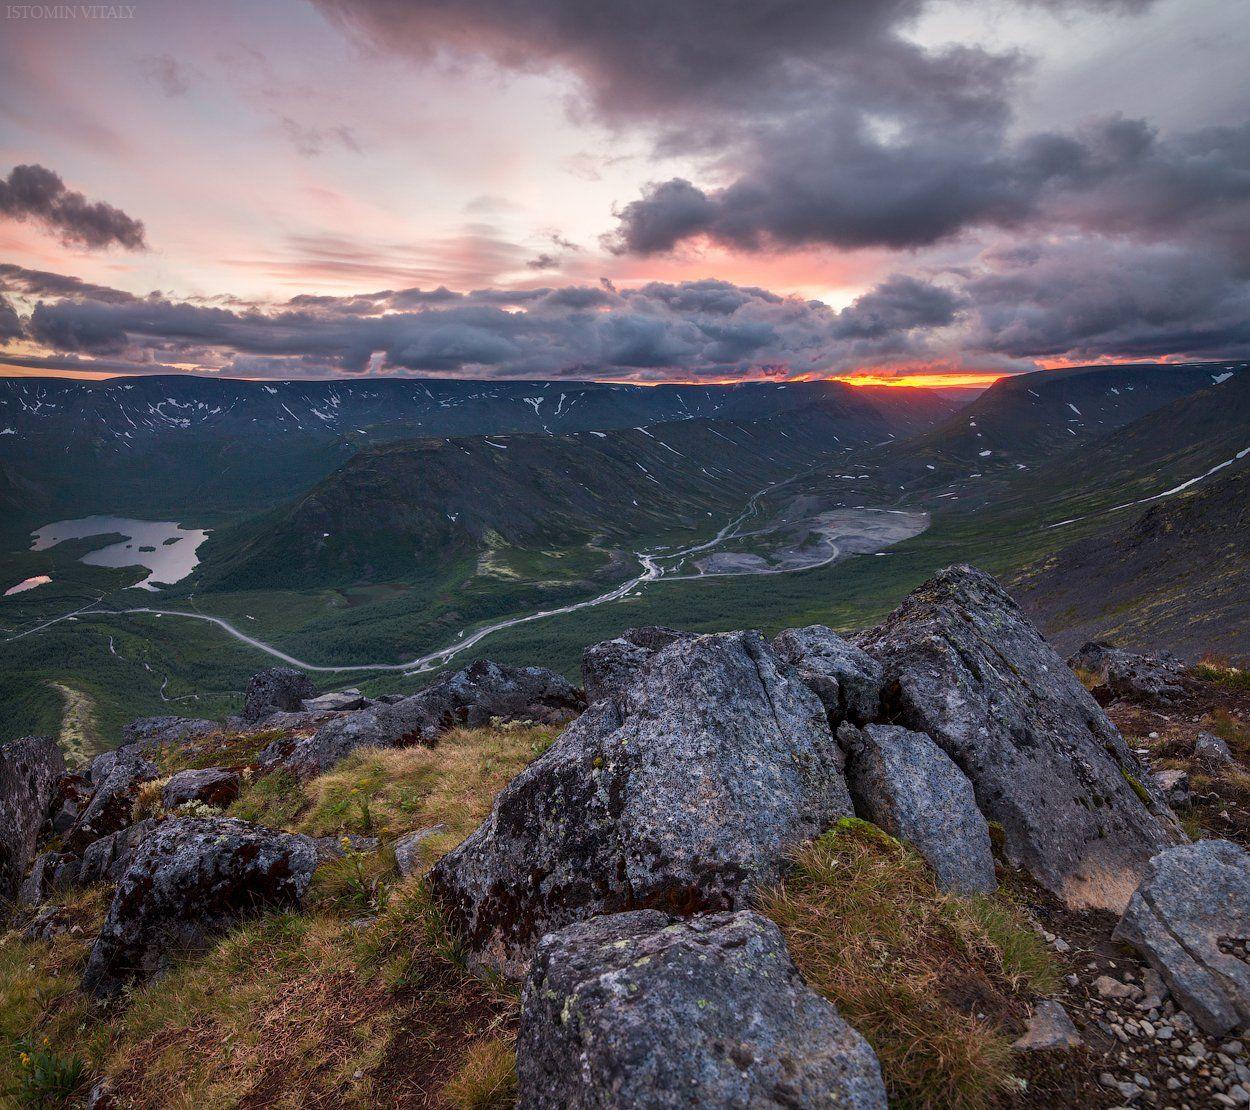 пейзаж,горы,закат,небо,россия,хибины,путешествие,перспектива,панорама,небо, Истомин Виталий